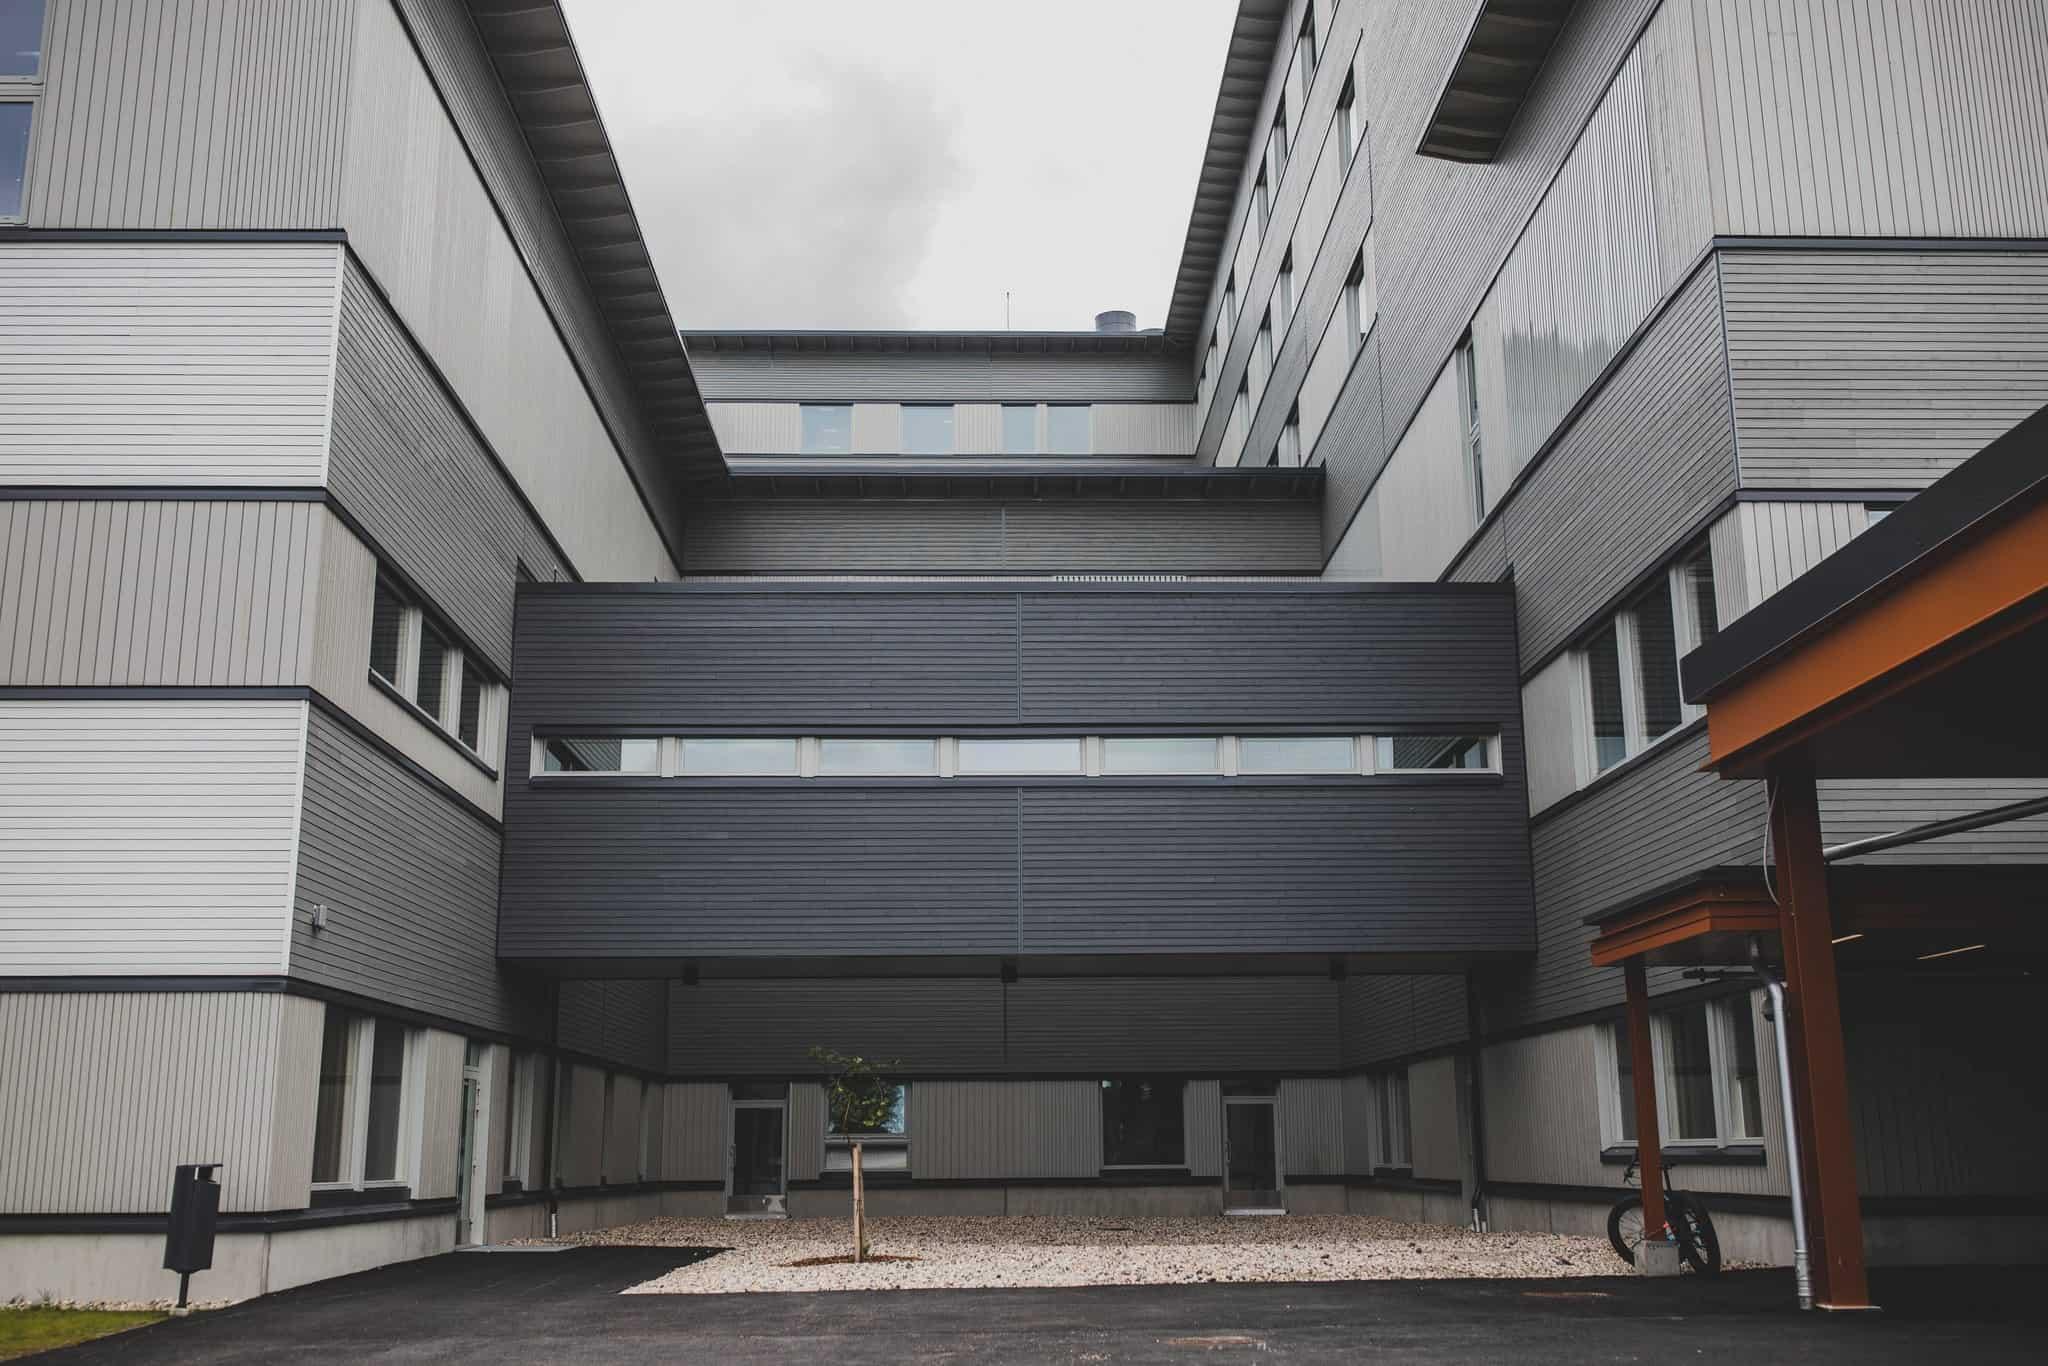 Palosuojattu ulkoverhouspaneeli, UYW 28x120 ja UYS 28x160 sävyt 619X, 571X, 565X / Kainuun sairaala, Kajaani